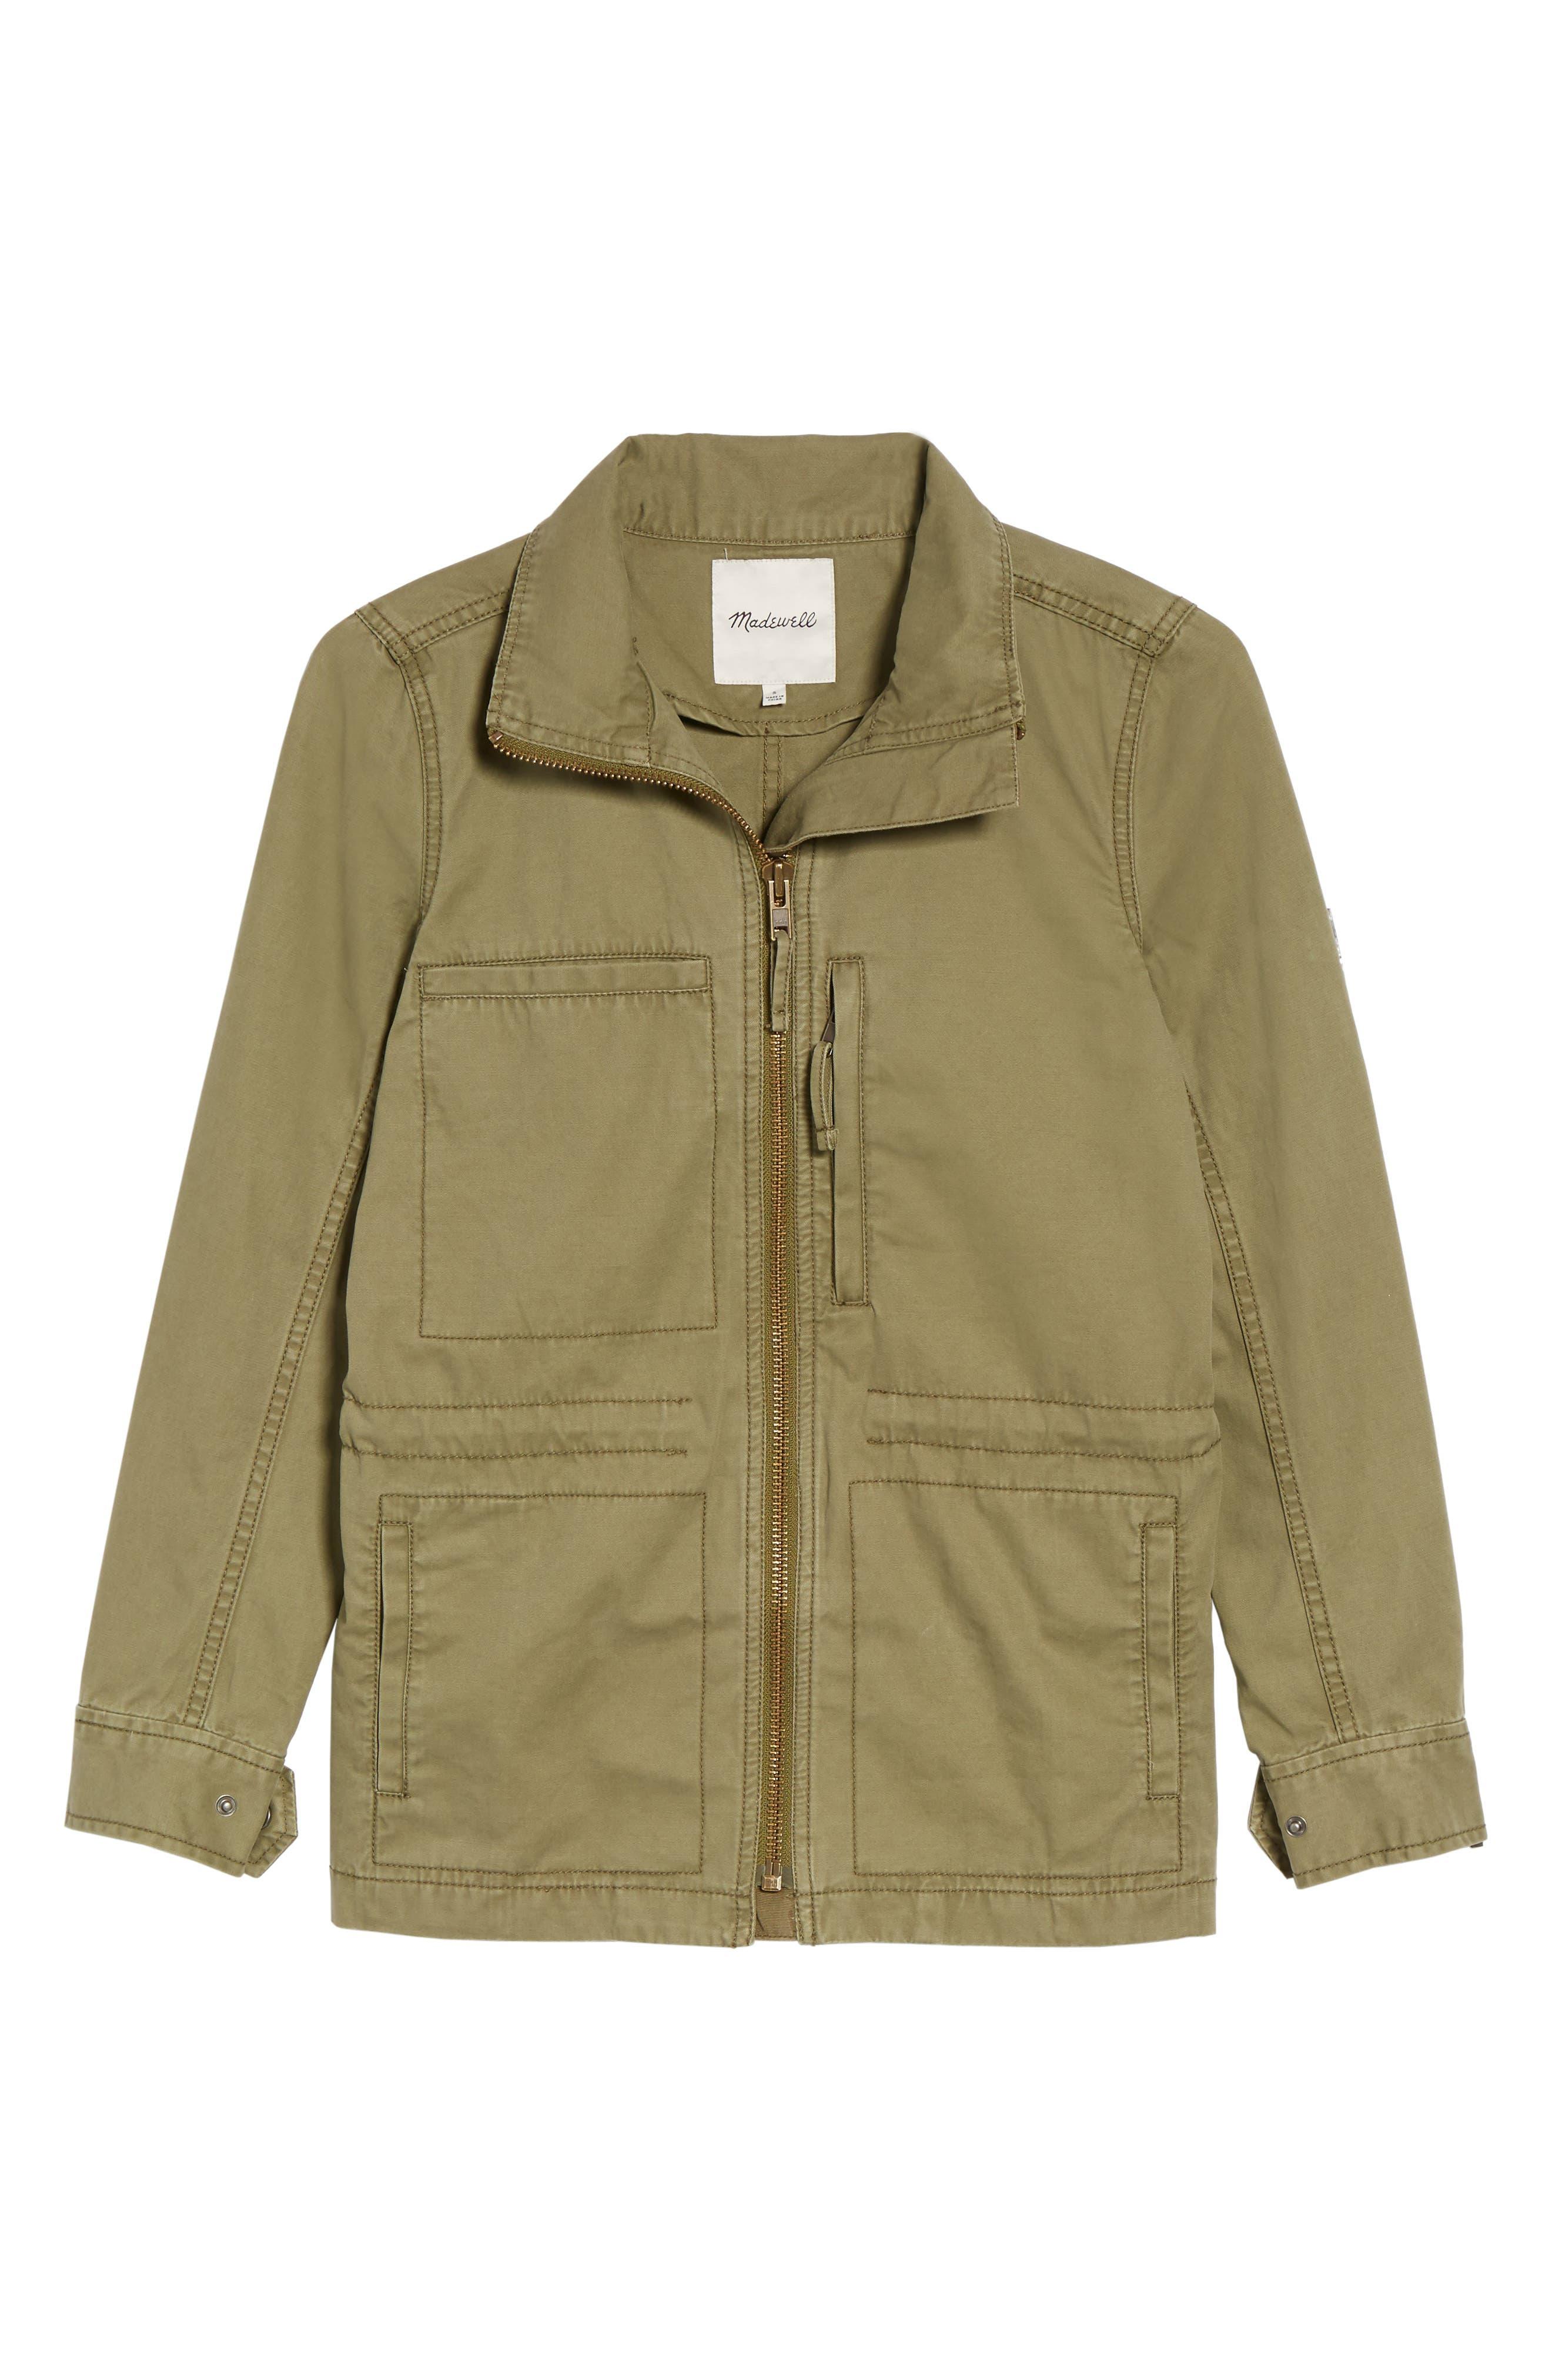 Alternate Image 1 Selected - Madewell Fleet Jacket